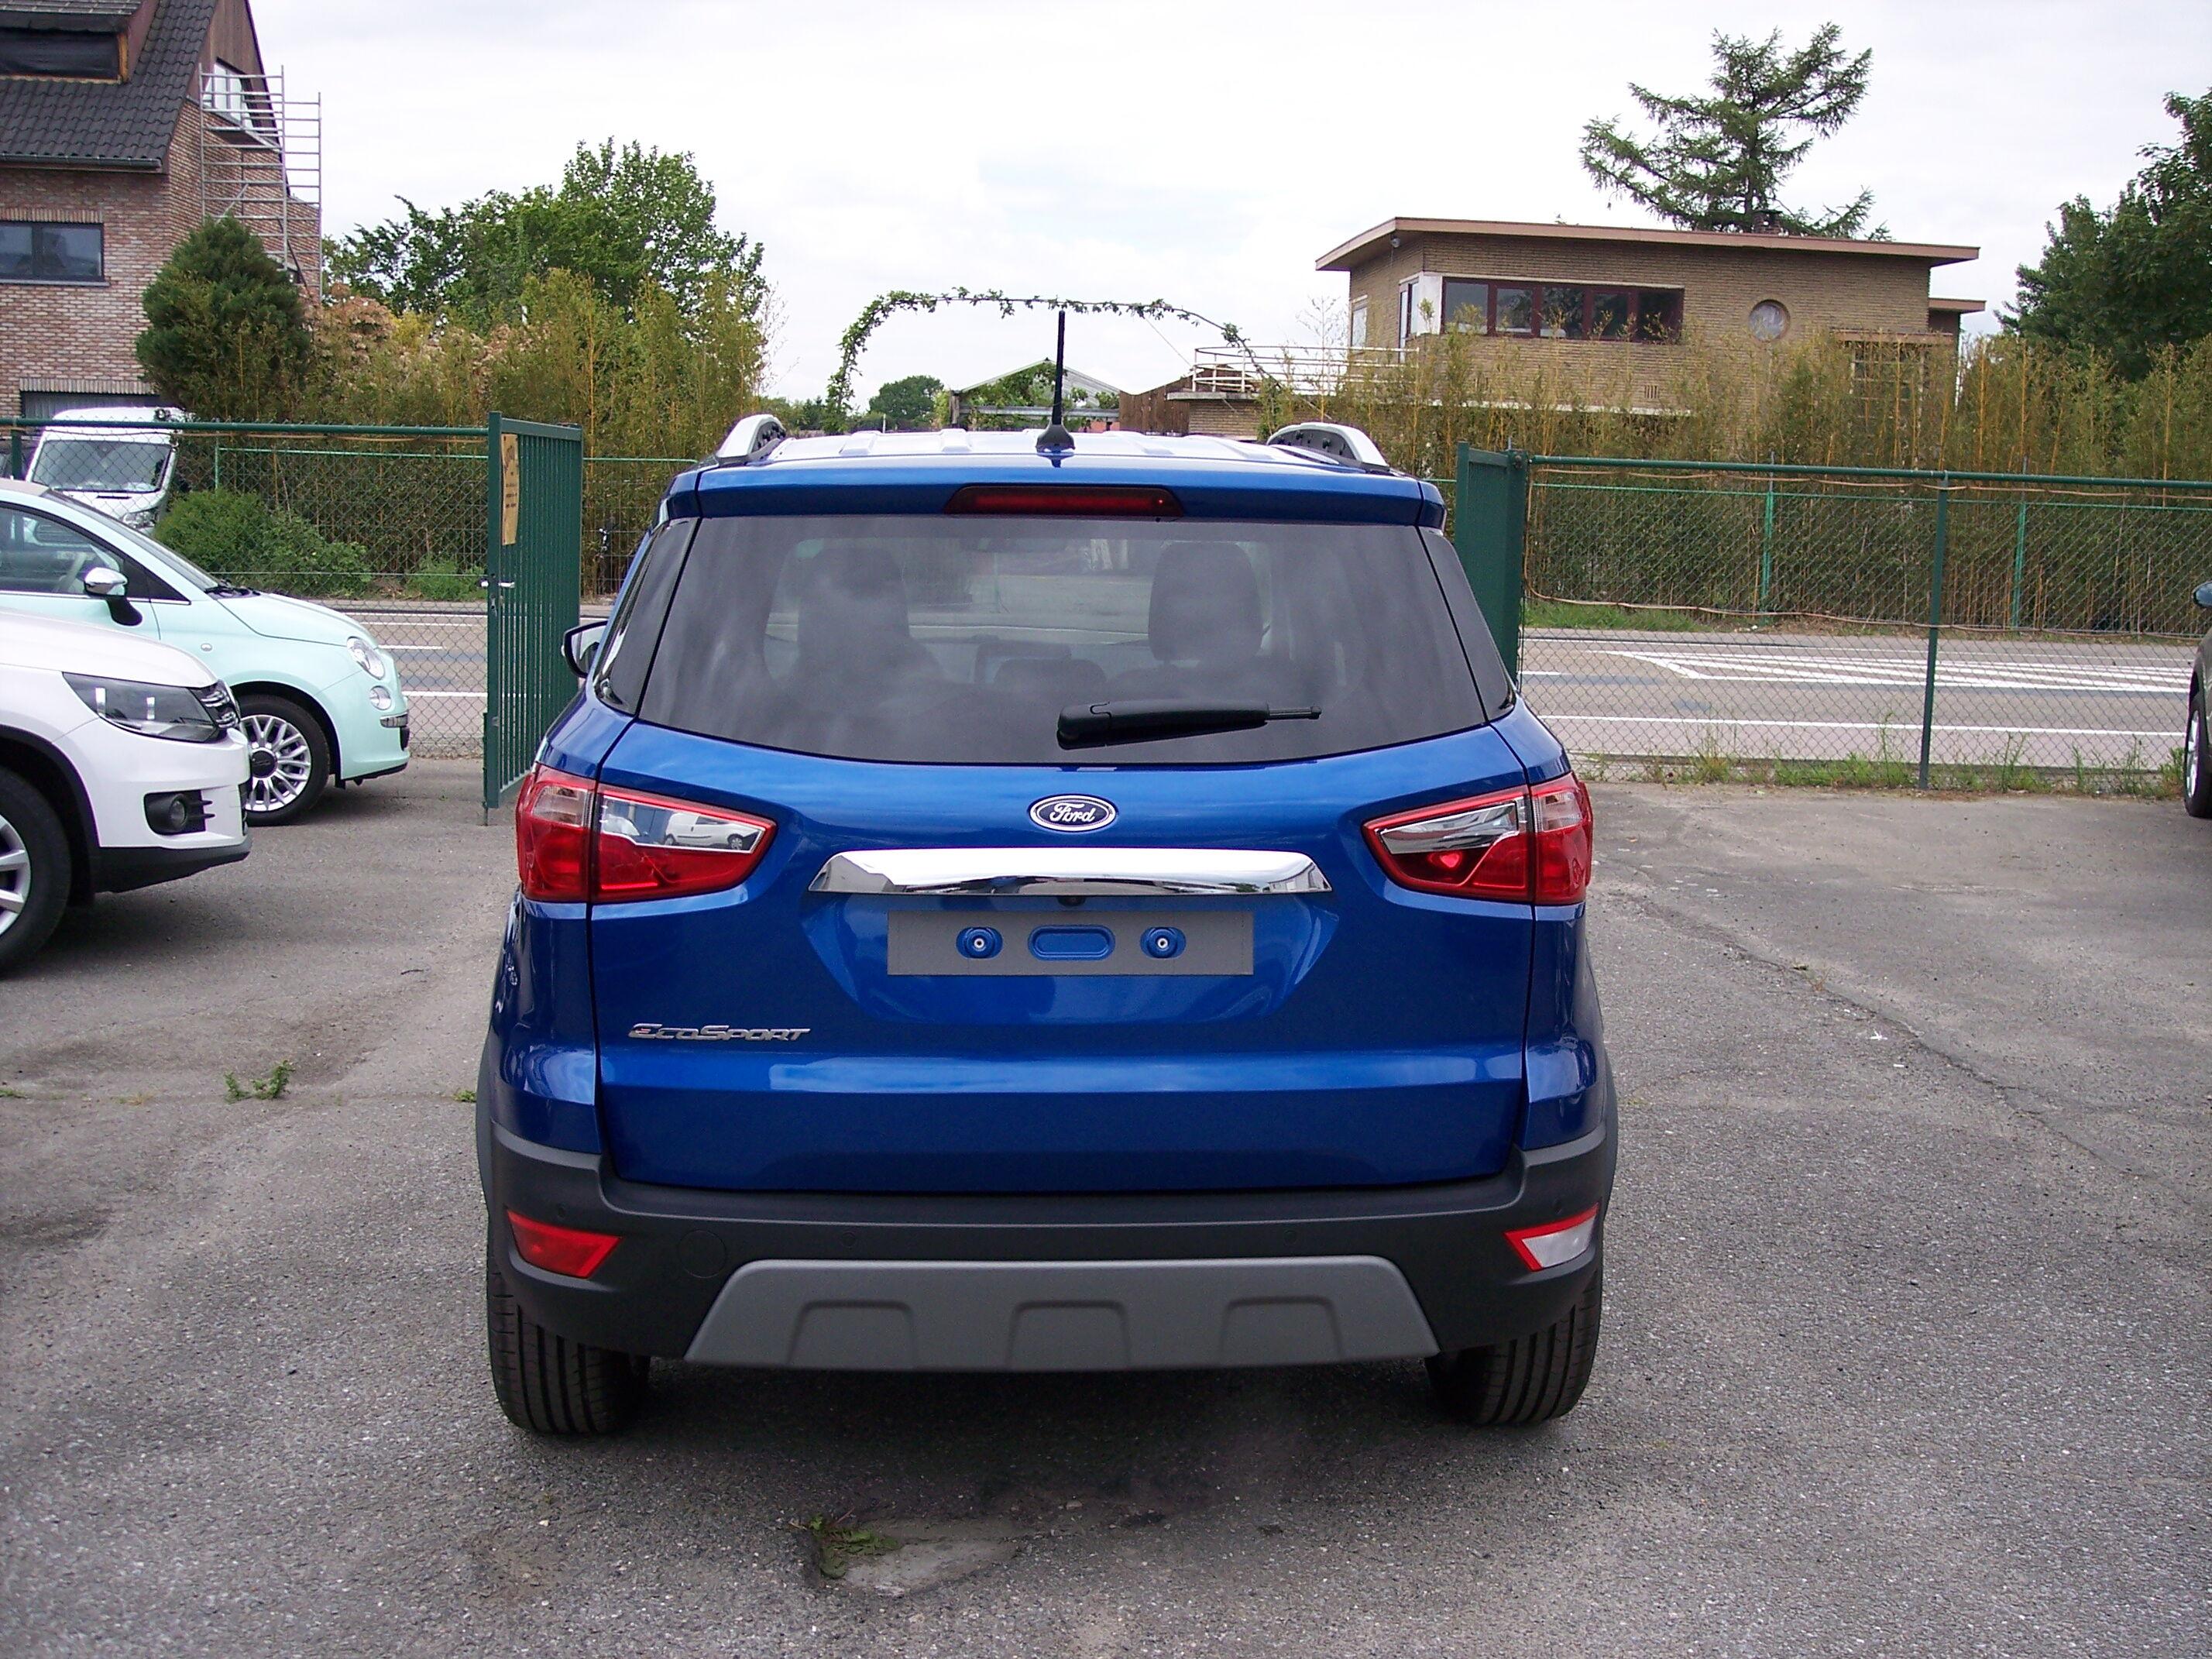 Ford ECOSPORT 1.0 ECOBOOST TITANIUM 125 5/10